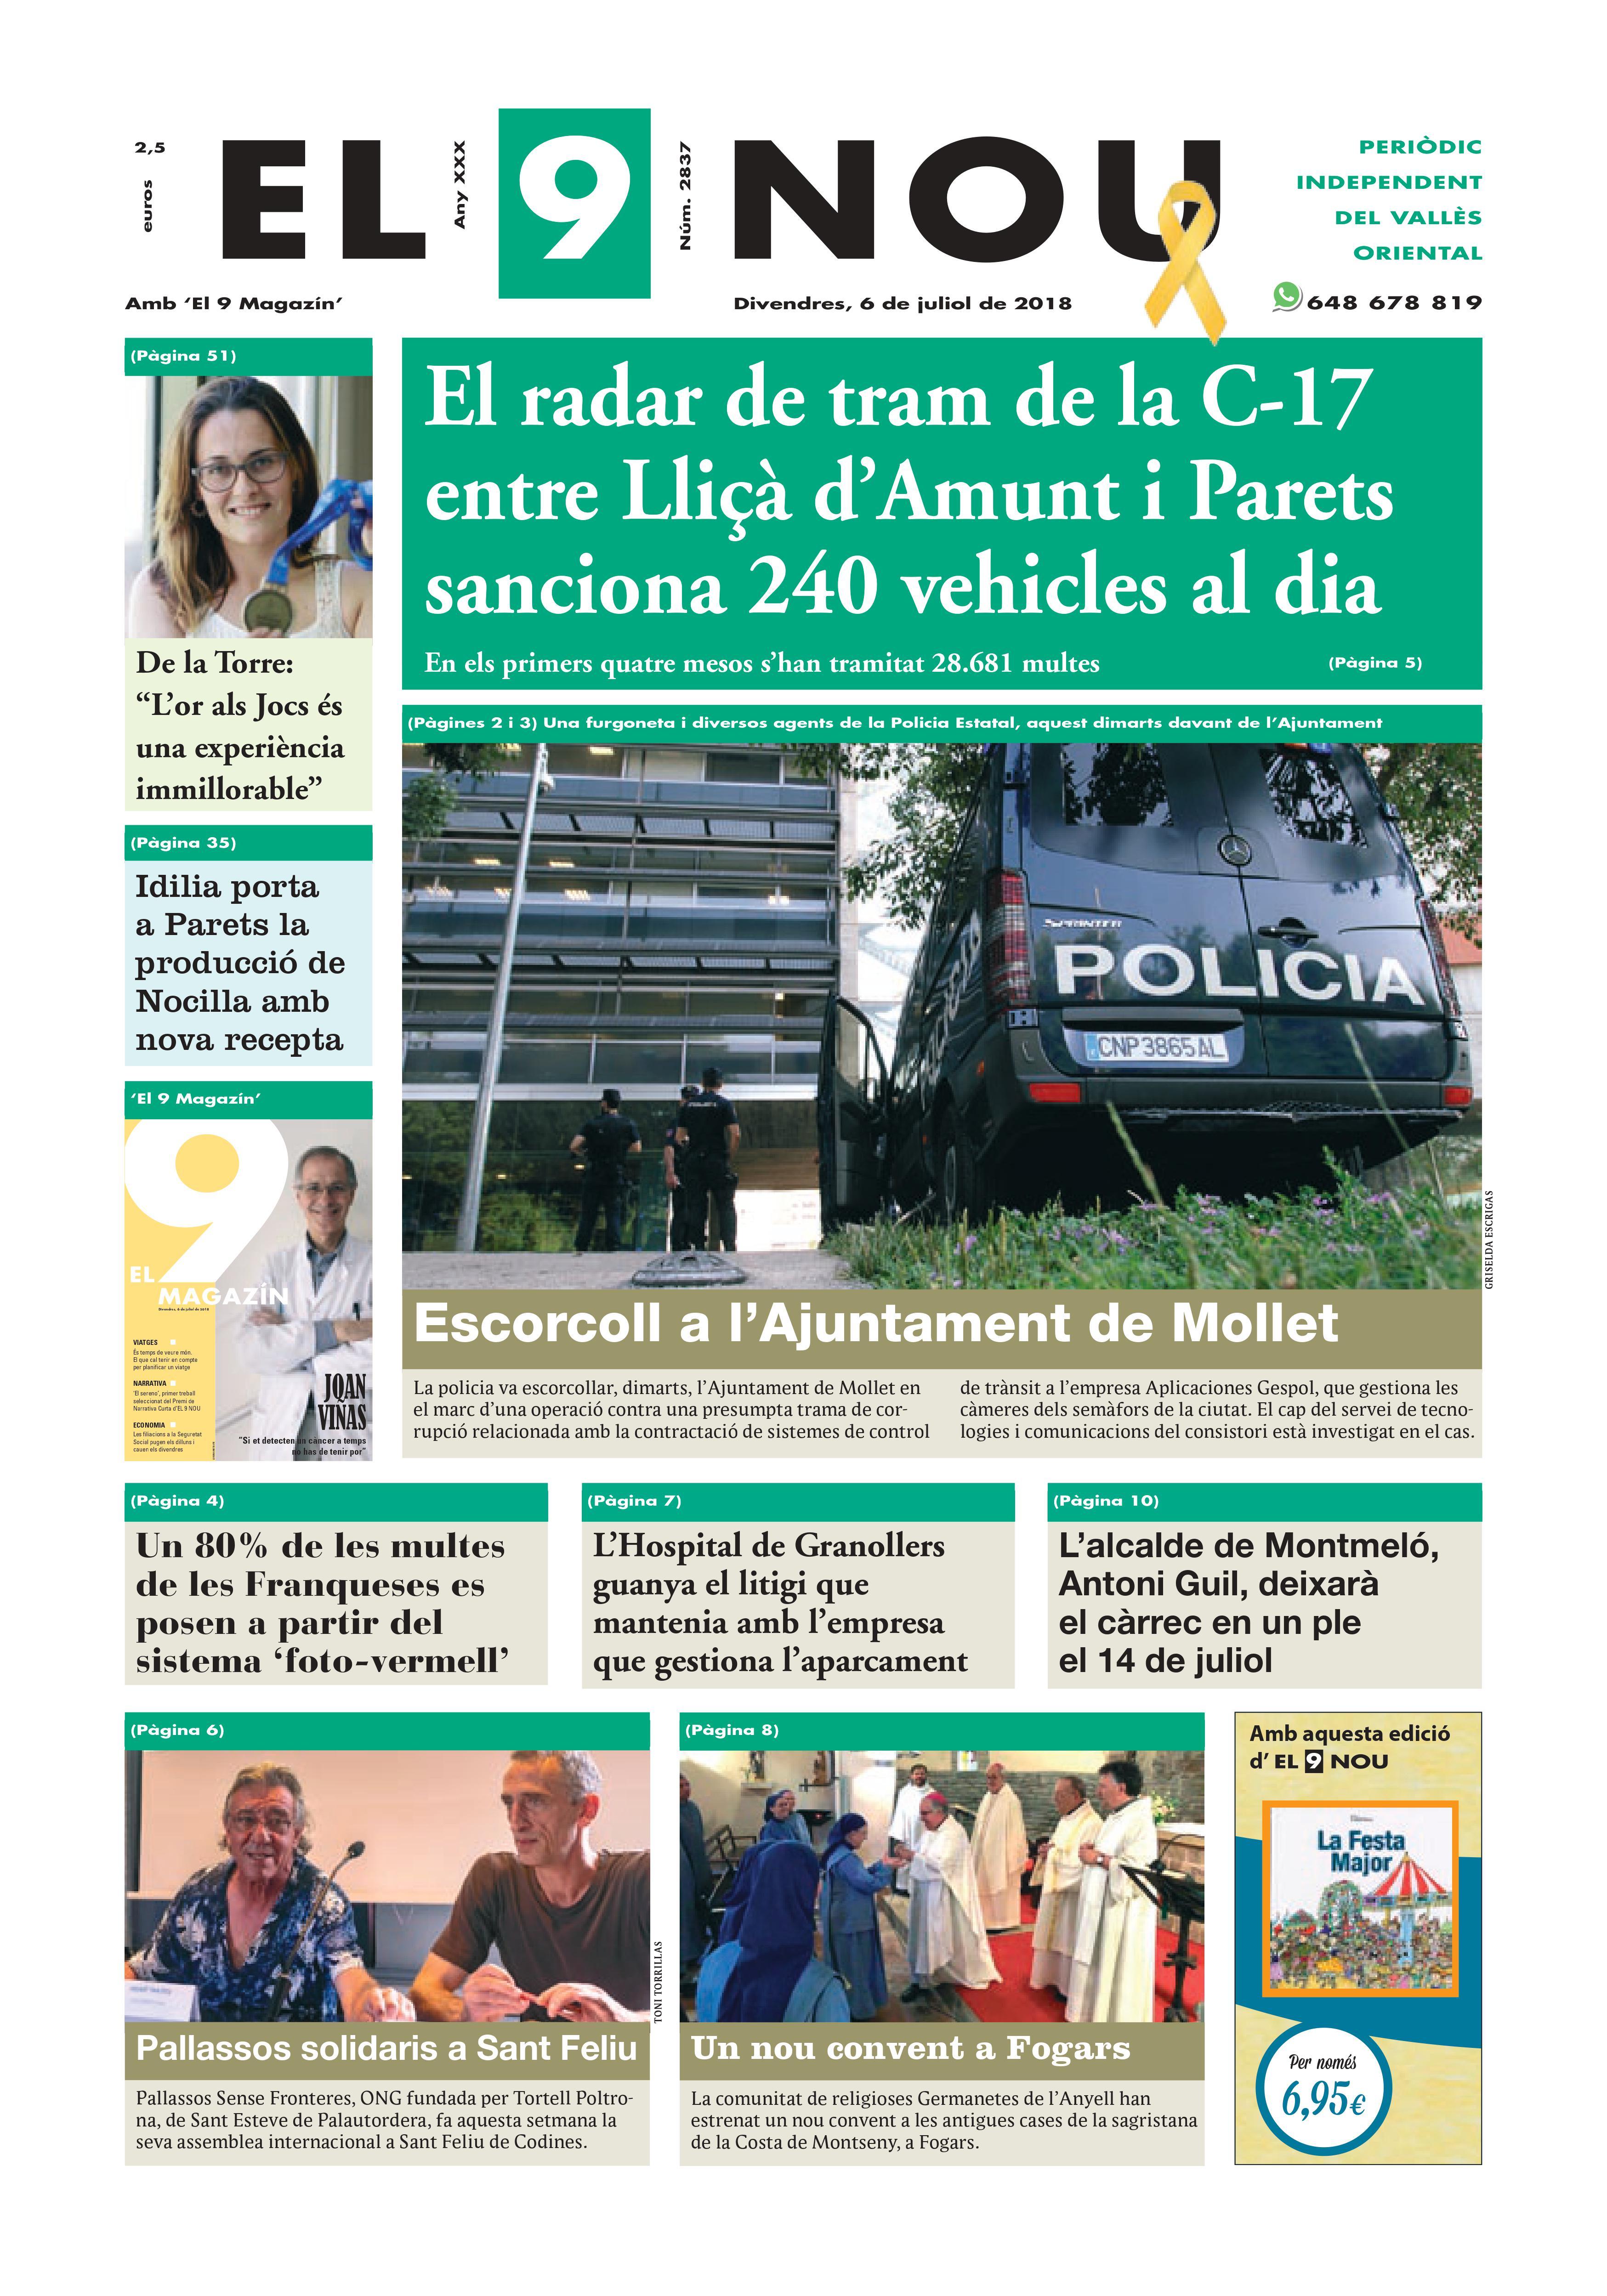 La portada del divendres 6 de juliol de 2018